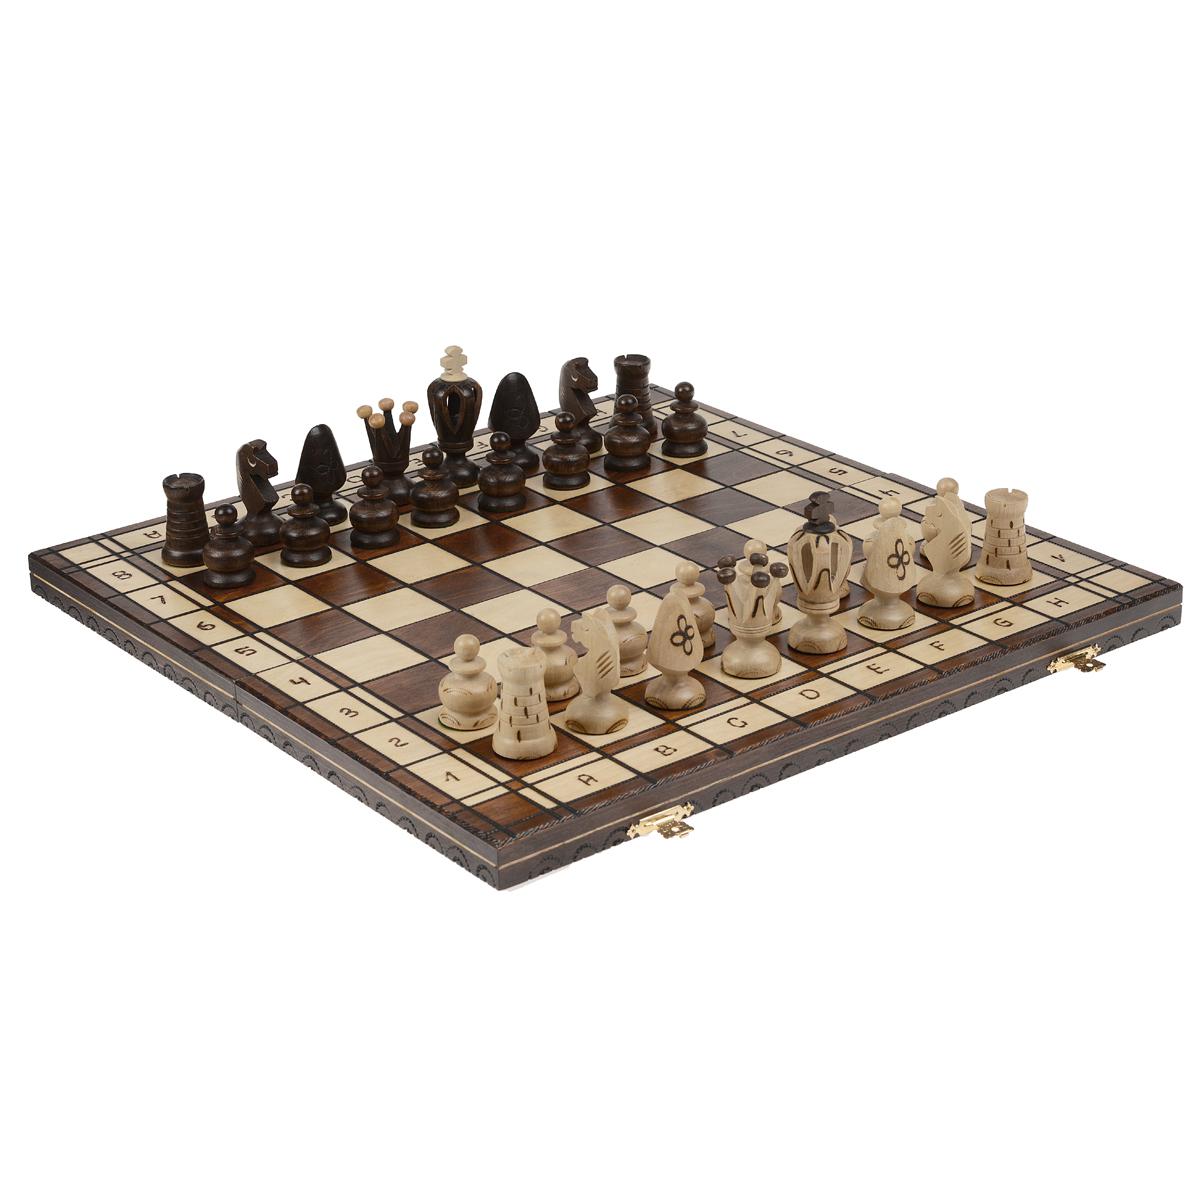 Шахматы Wegiel Королевские, размер: 48х24х5 см. 30123012Шахматы - это занимательный подарок и украшение интерьера. Фигуры выполнены из дерева и упакованы в изысканную деревянную шкатулку. Каждая фигура надежно крепится в определенном положении благодаря особым выемкам. Крышка шкатулки представляет собой шахматную доску. Шахматы - одна из древнейших игр, изобретенная в Индии три тысячи лет назад. Она позволяла разыгрывать сражения того времени, в которых принимали участие, как простые пешие воины, так и кавалерия, и боевые слоны.